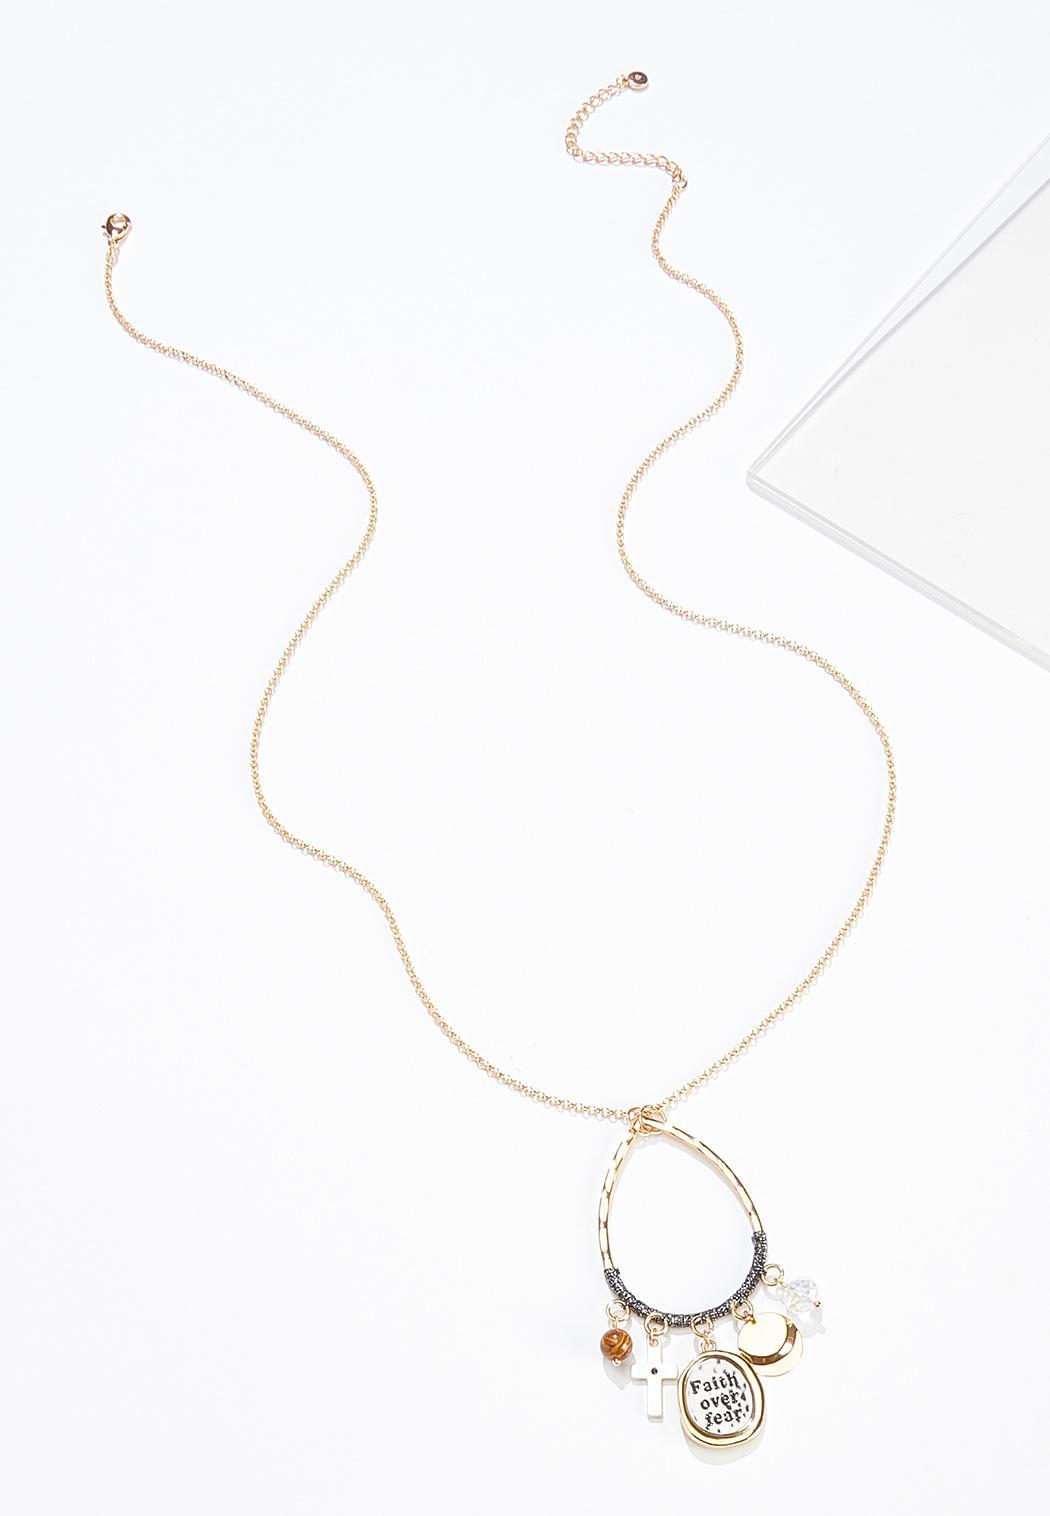 Faith Over Fear Pendant Necklace